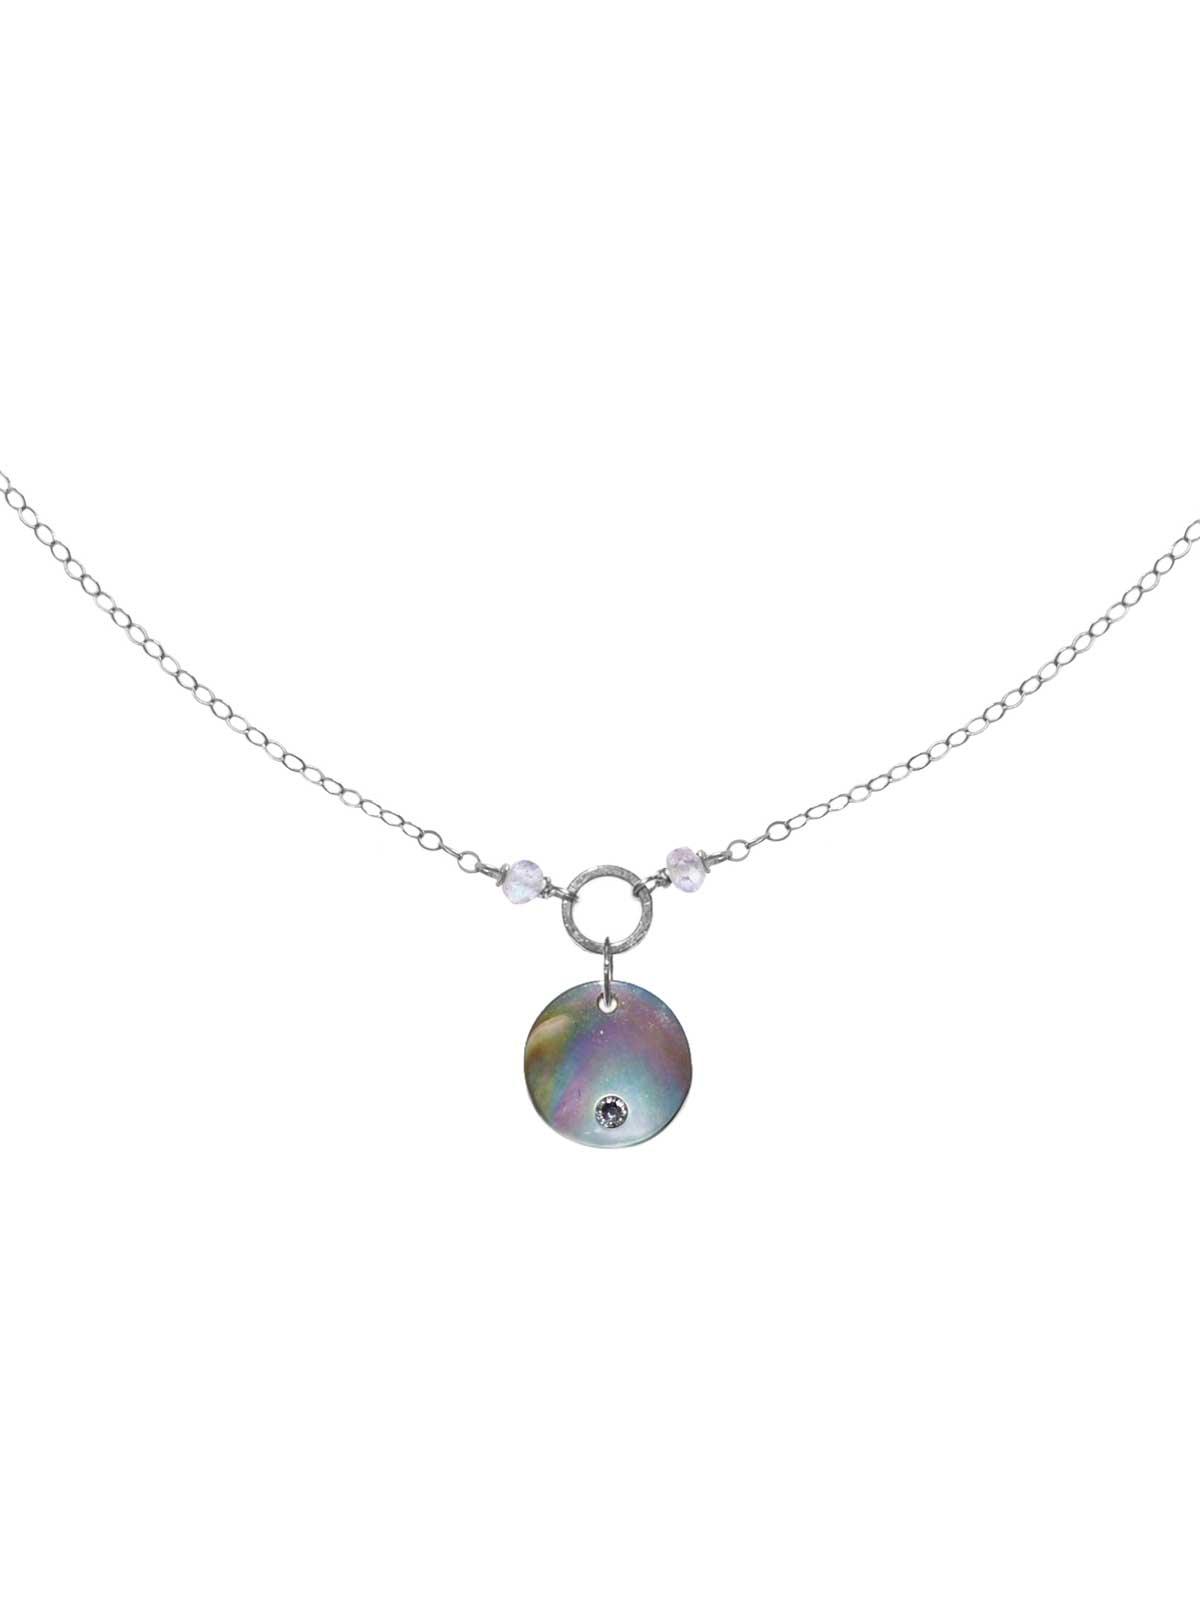 Collier chaîne Argent 925/1000 Pierres de Lune nacre cristal